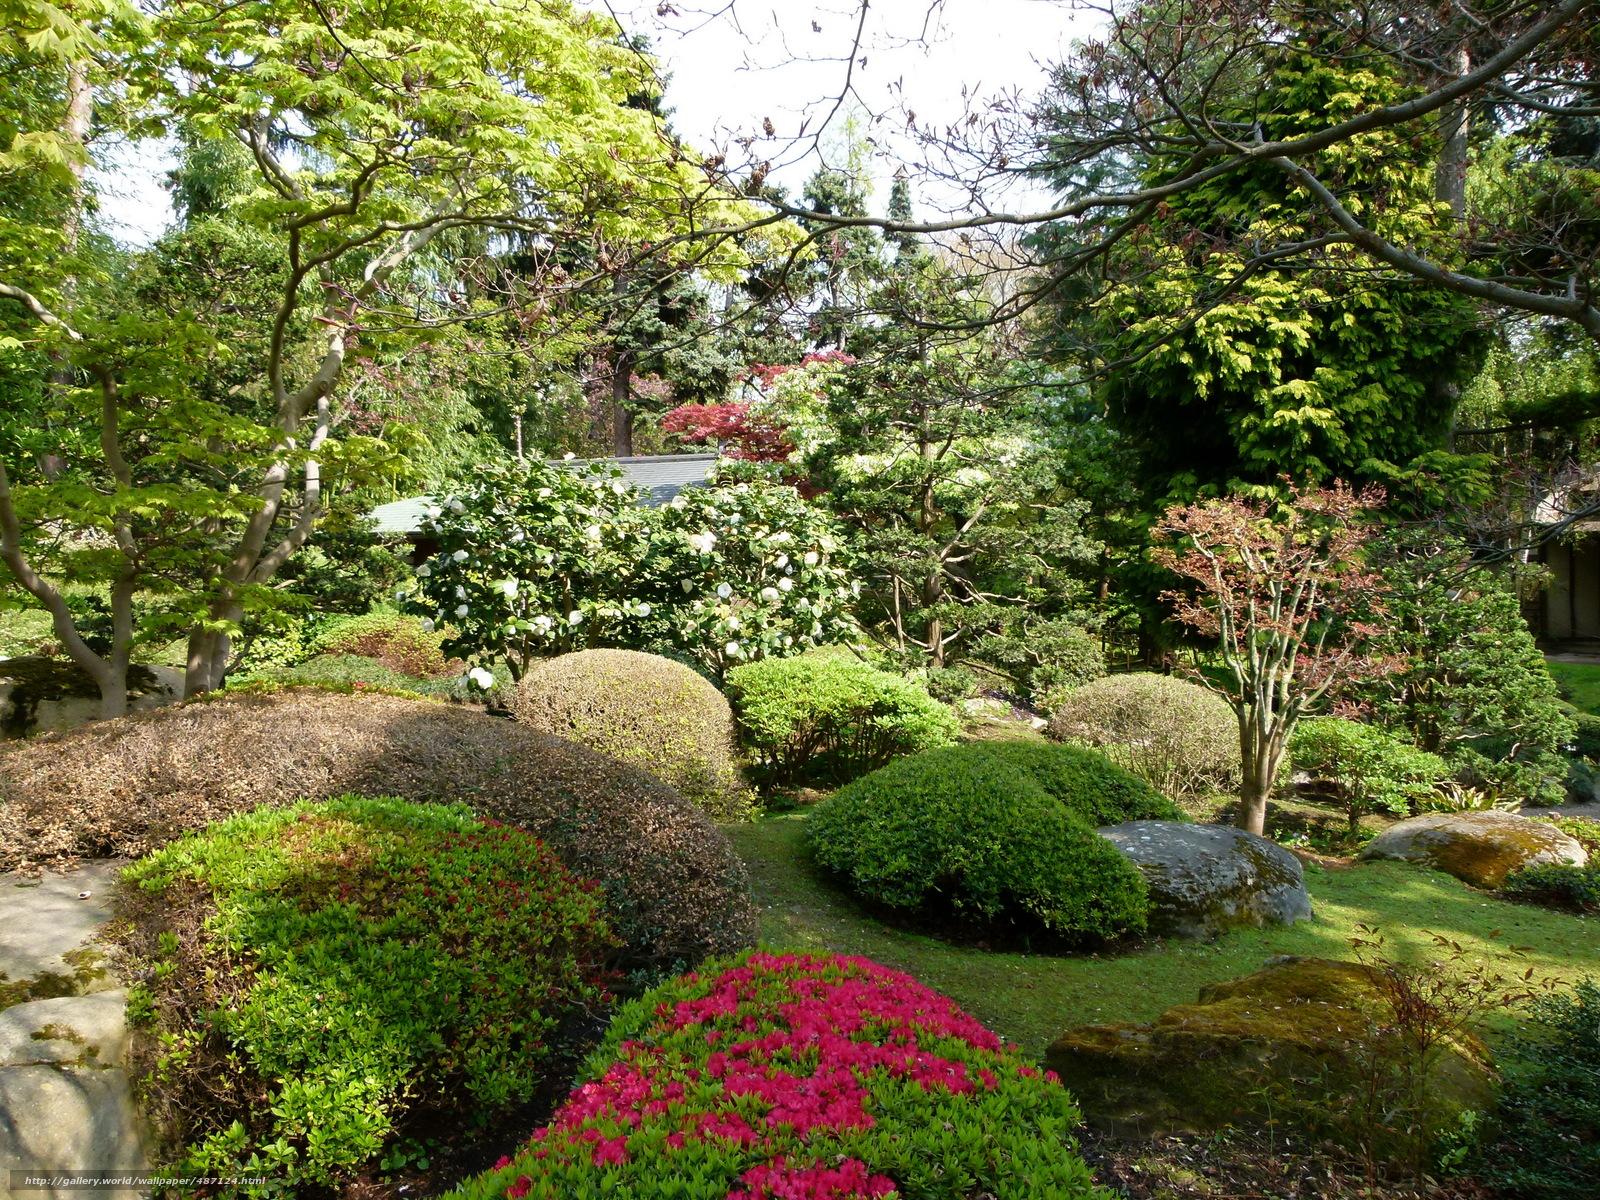 Скачать обои Сады,  Франция,  japanese,  albert kahn бесплатно для рабочего стола в разрешении 3264x2448 — картинка №487124